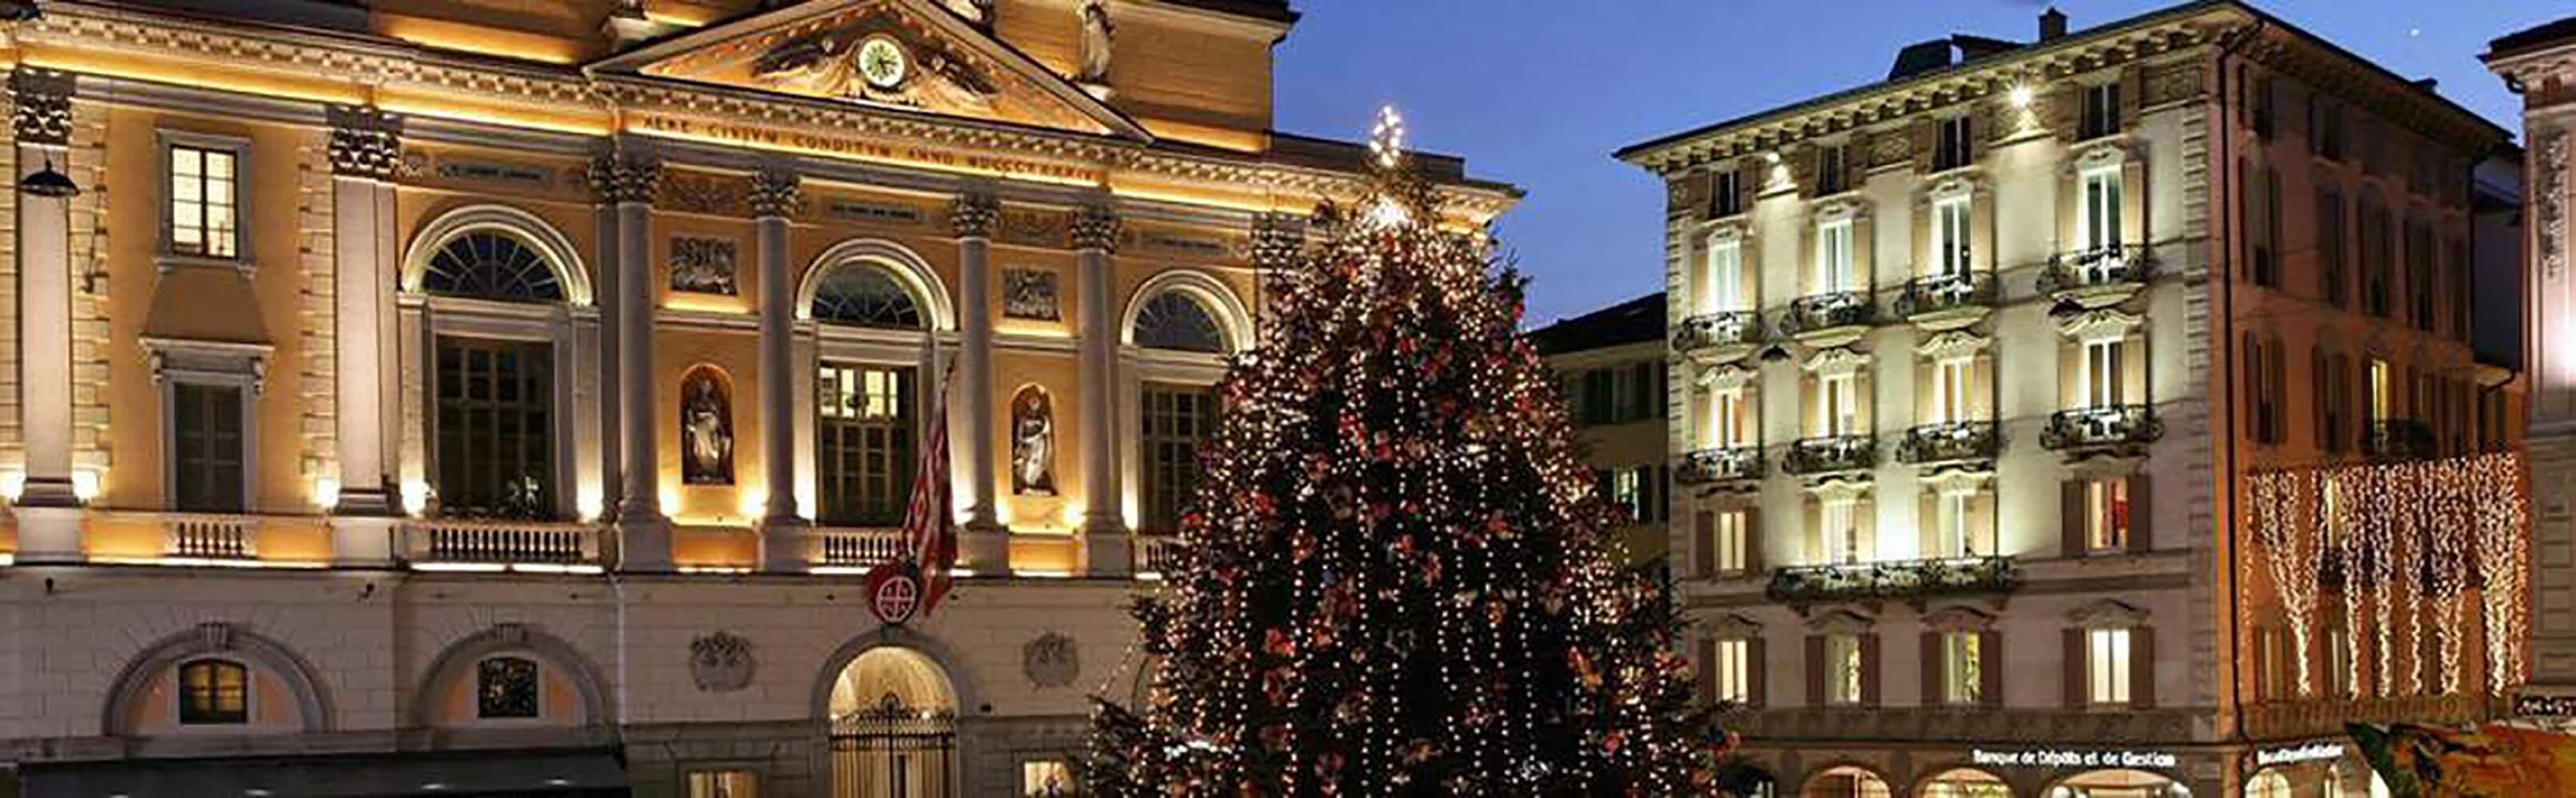 Weihnachtsmarkt Lugano - Natale in Piazza 1